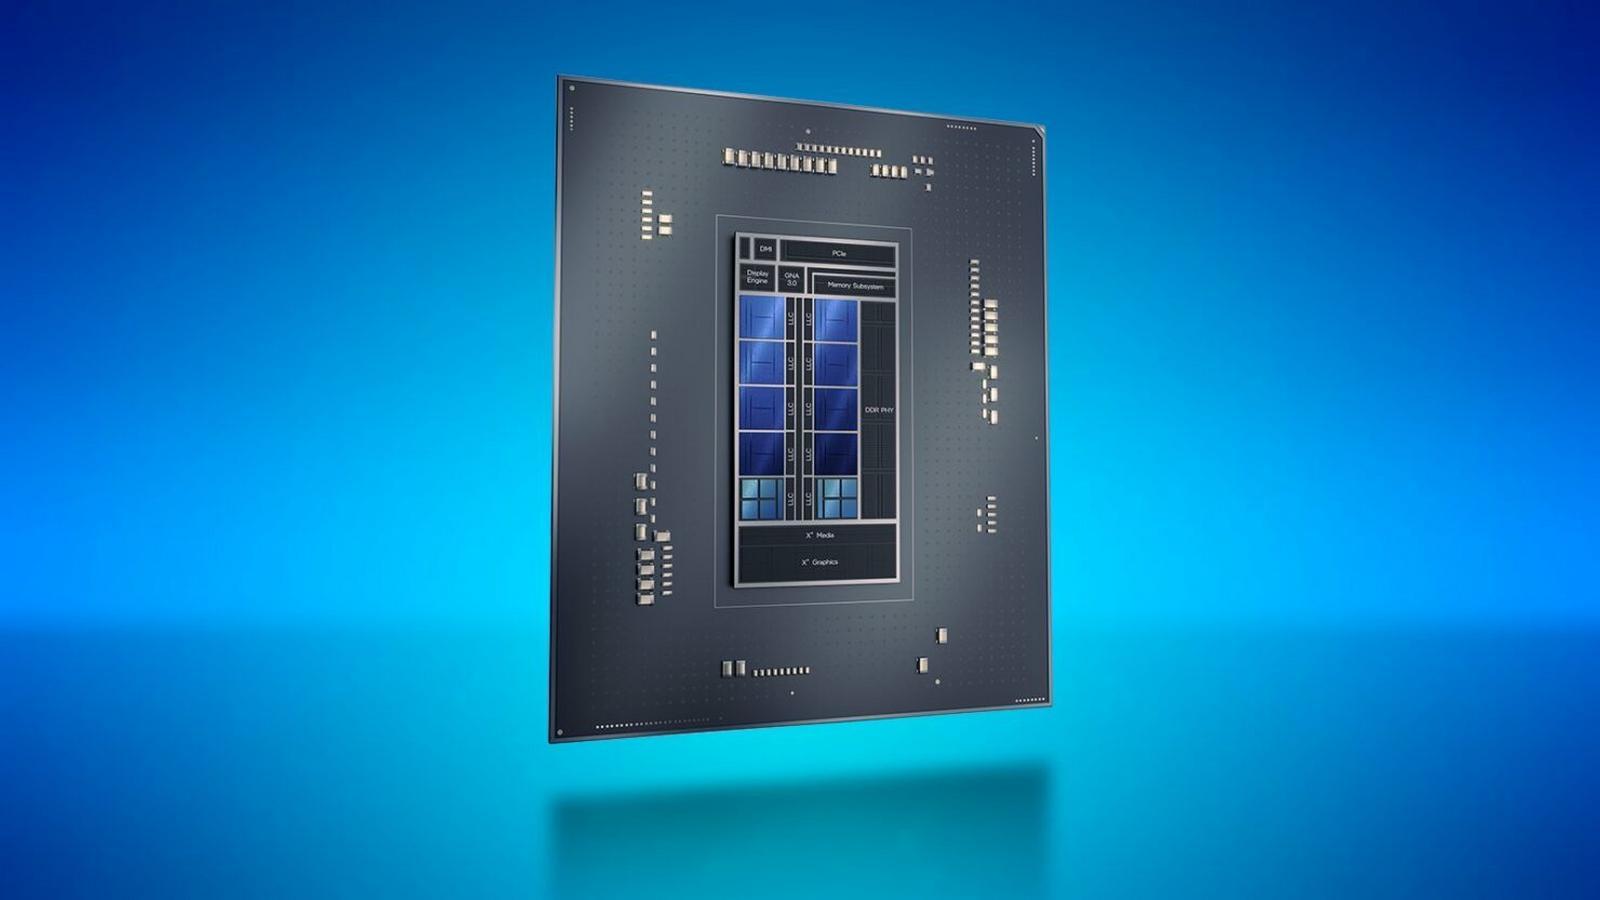 Data premiery procesorów Intel Alder Lake potwierdzona? Przeciek ze strony MSI